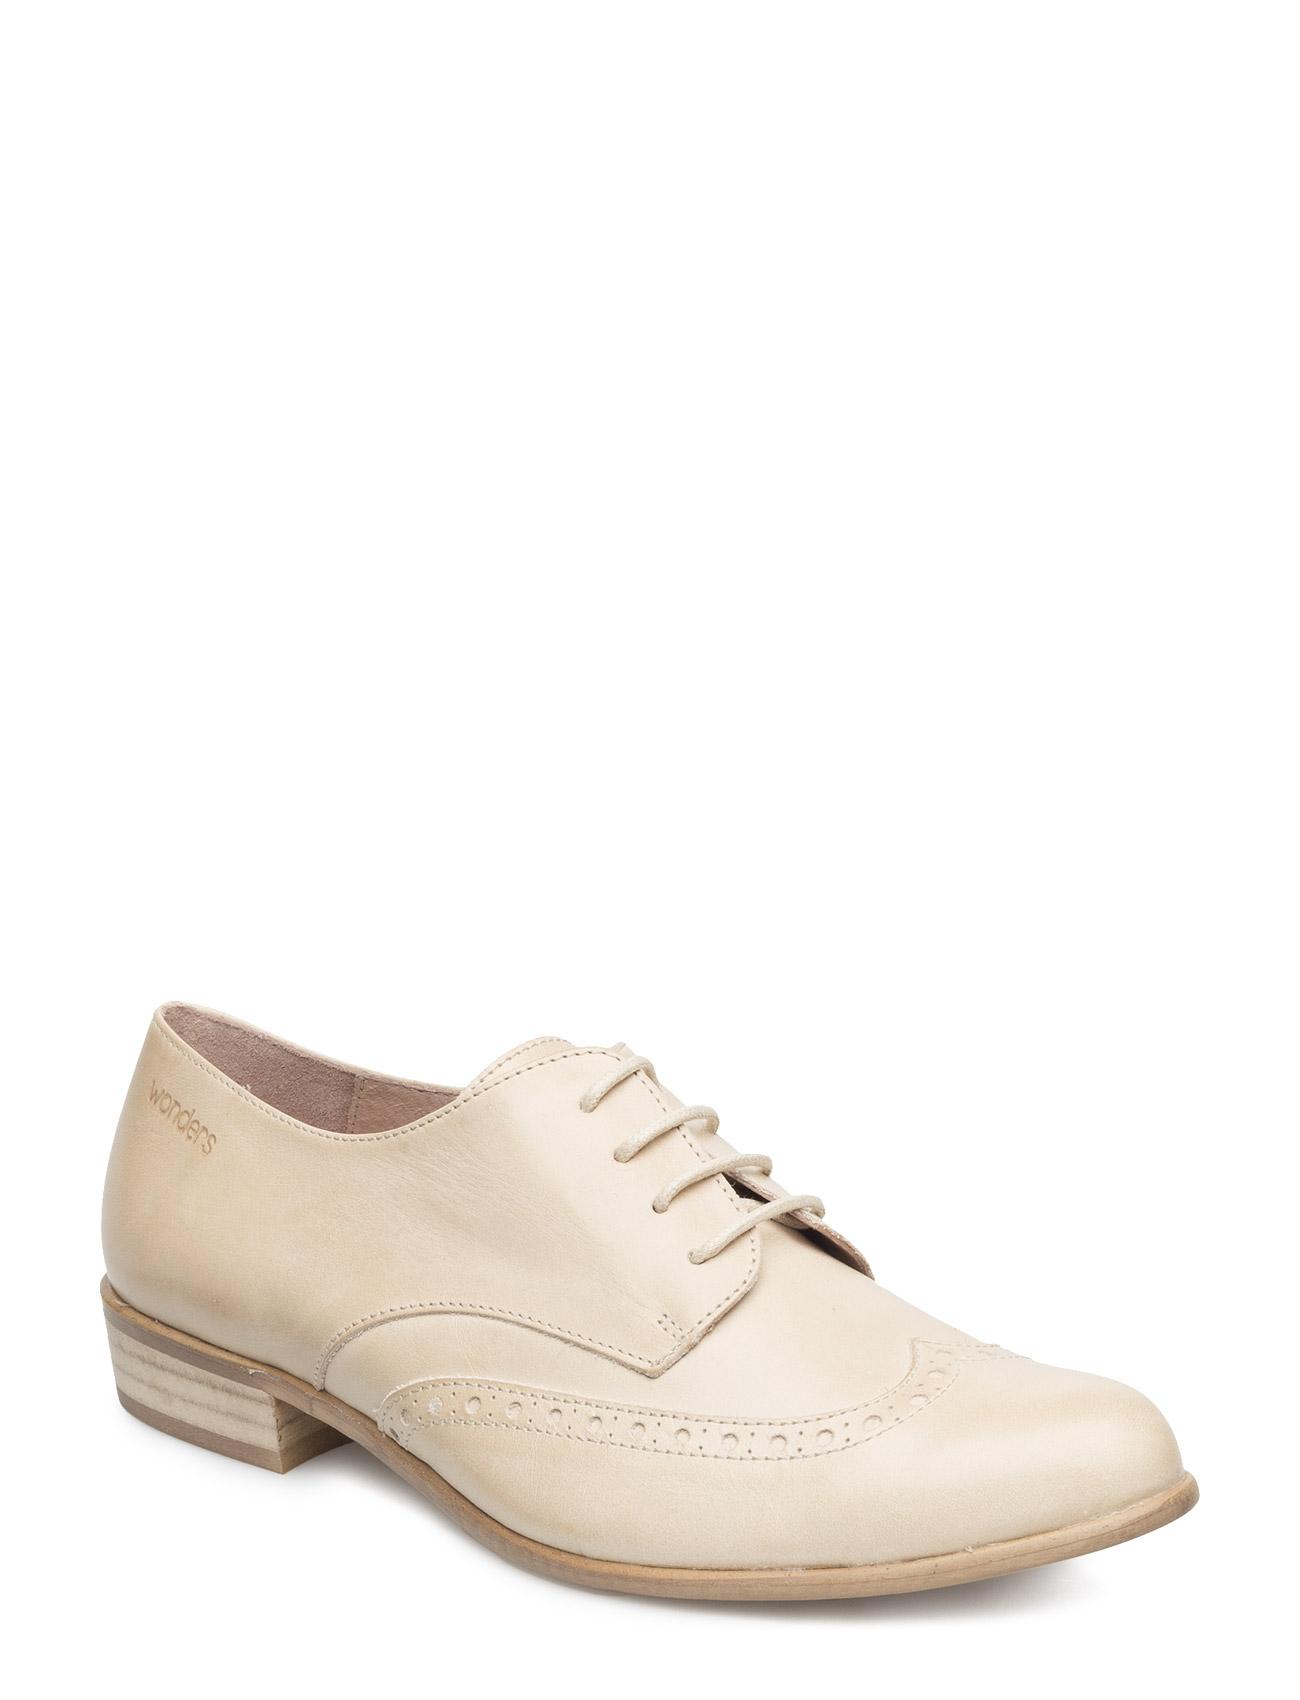 B-6021 Wonders Flade sko til Damer i Naturlig